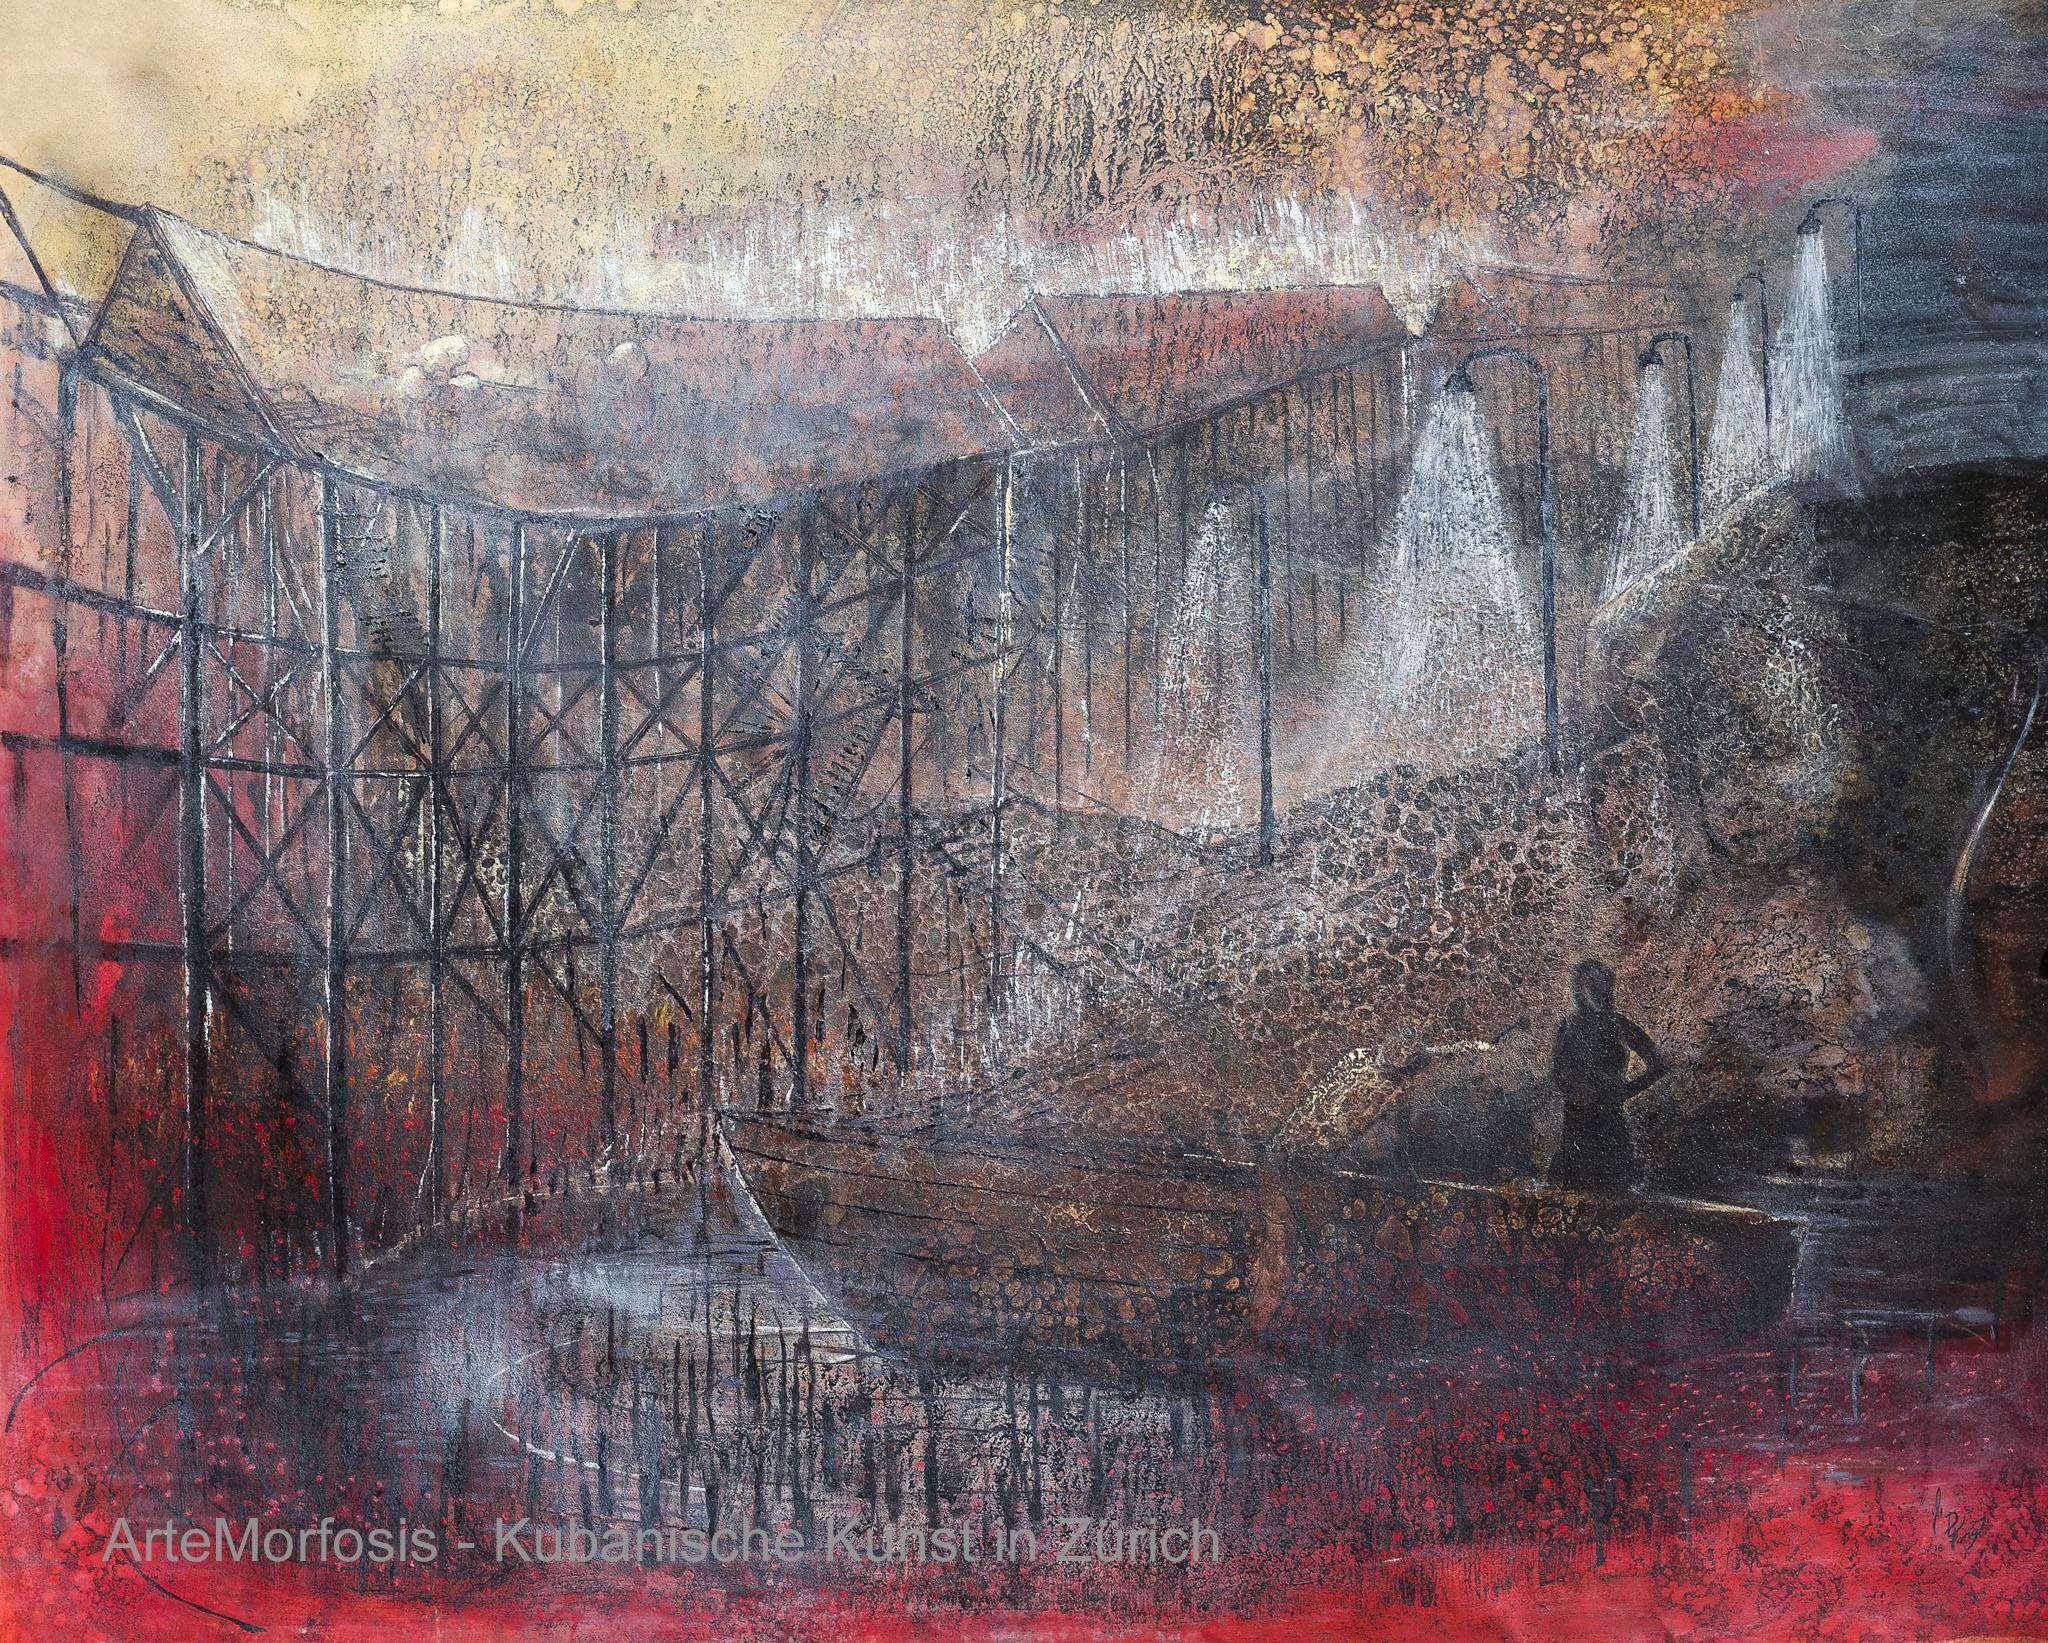 Li D Fong: Recuerdos de ciudad colgante / Memories of Hanging City - Mixed on Canvas - 2016 - 143 x 190 cm